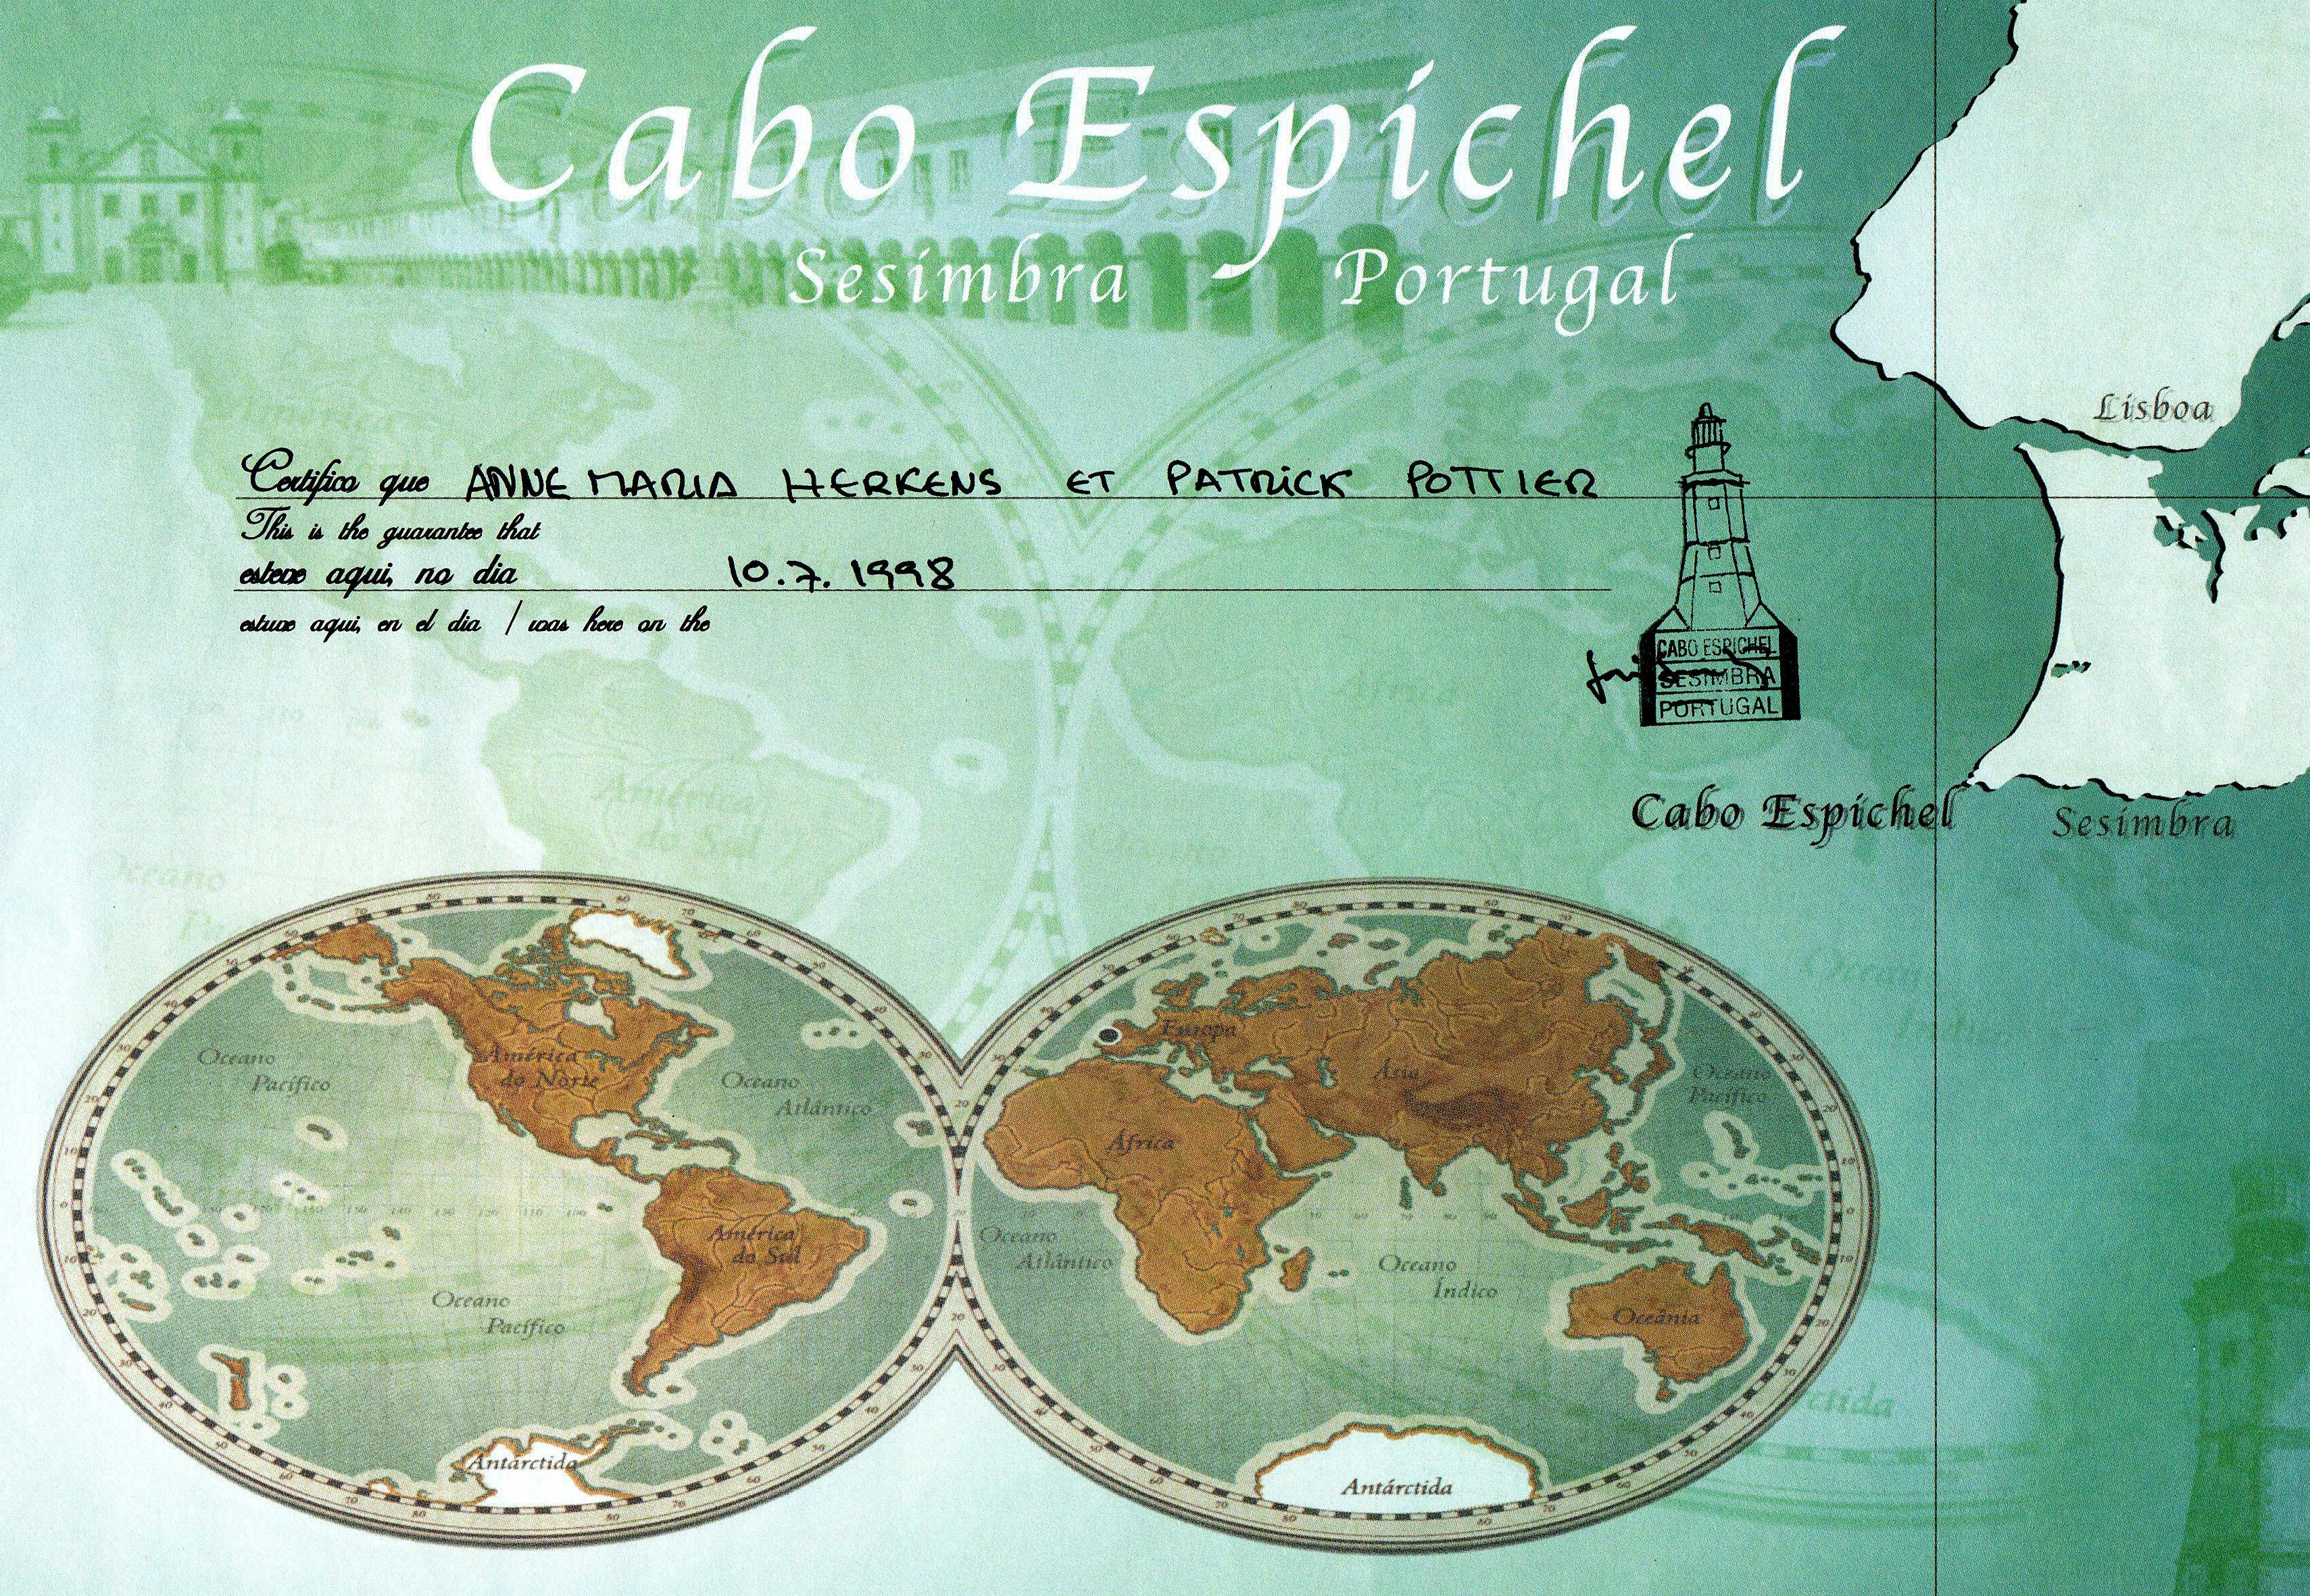 Cabo-Espichel